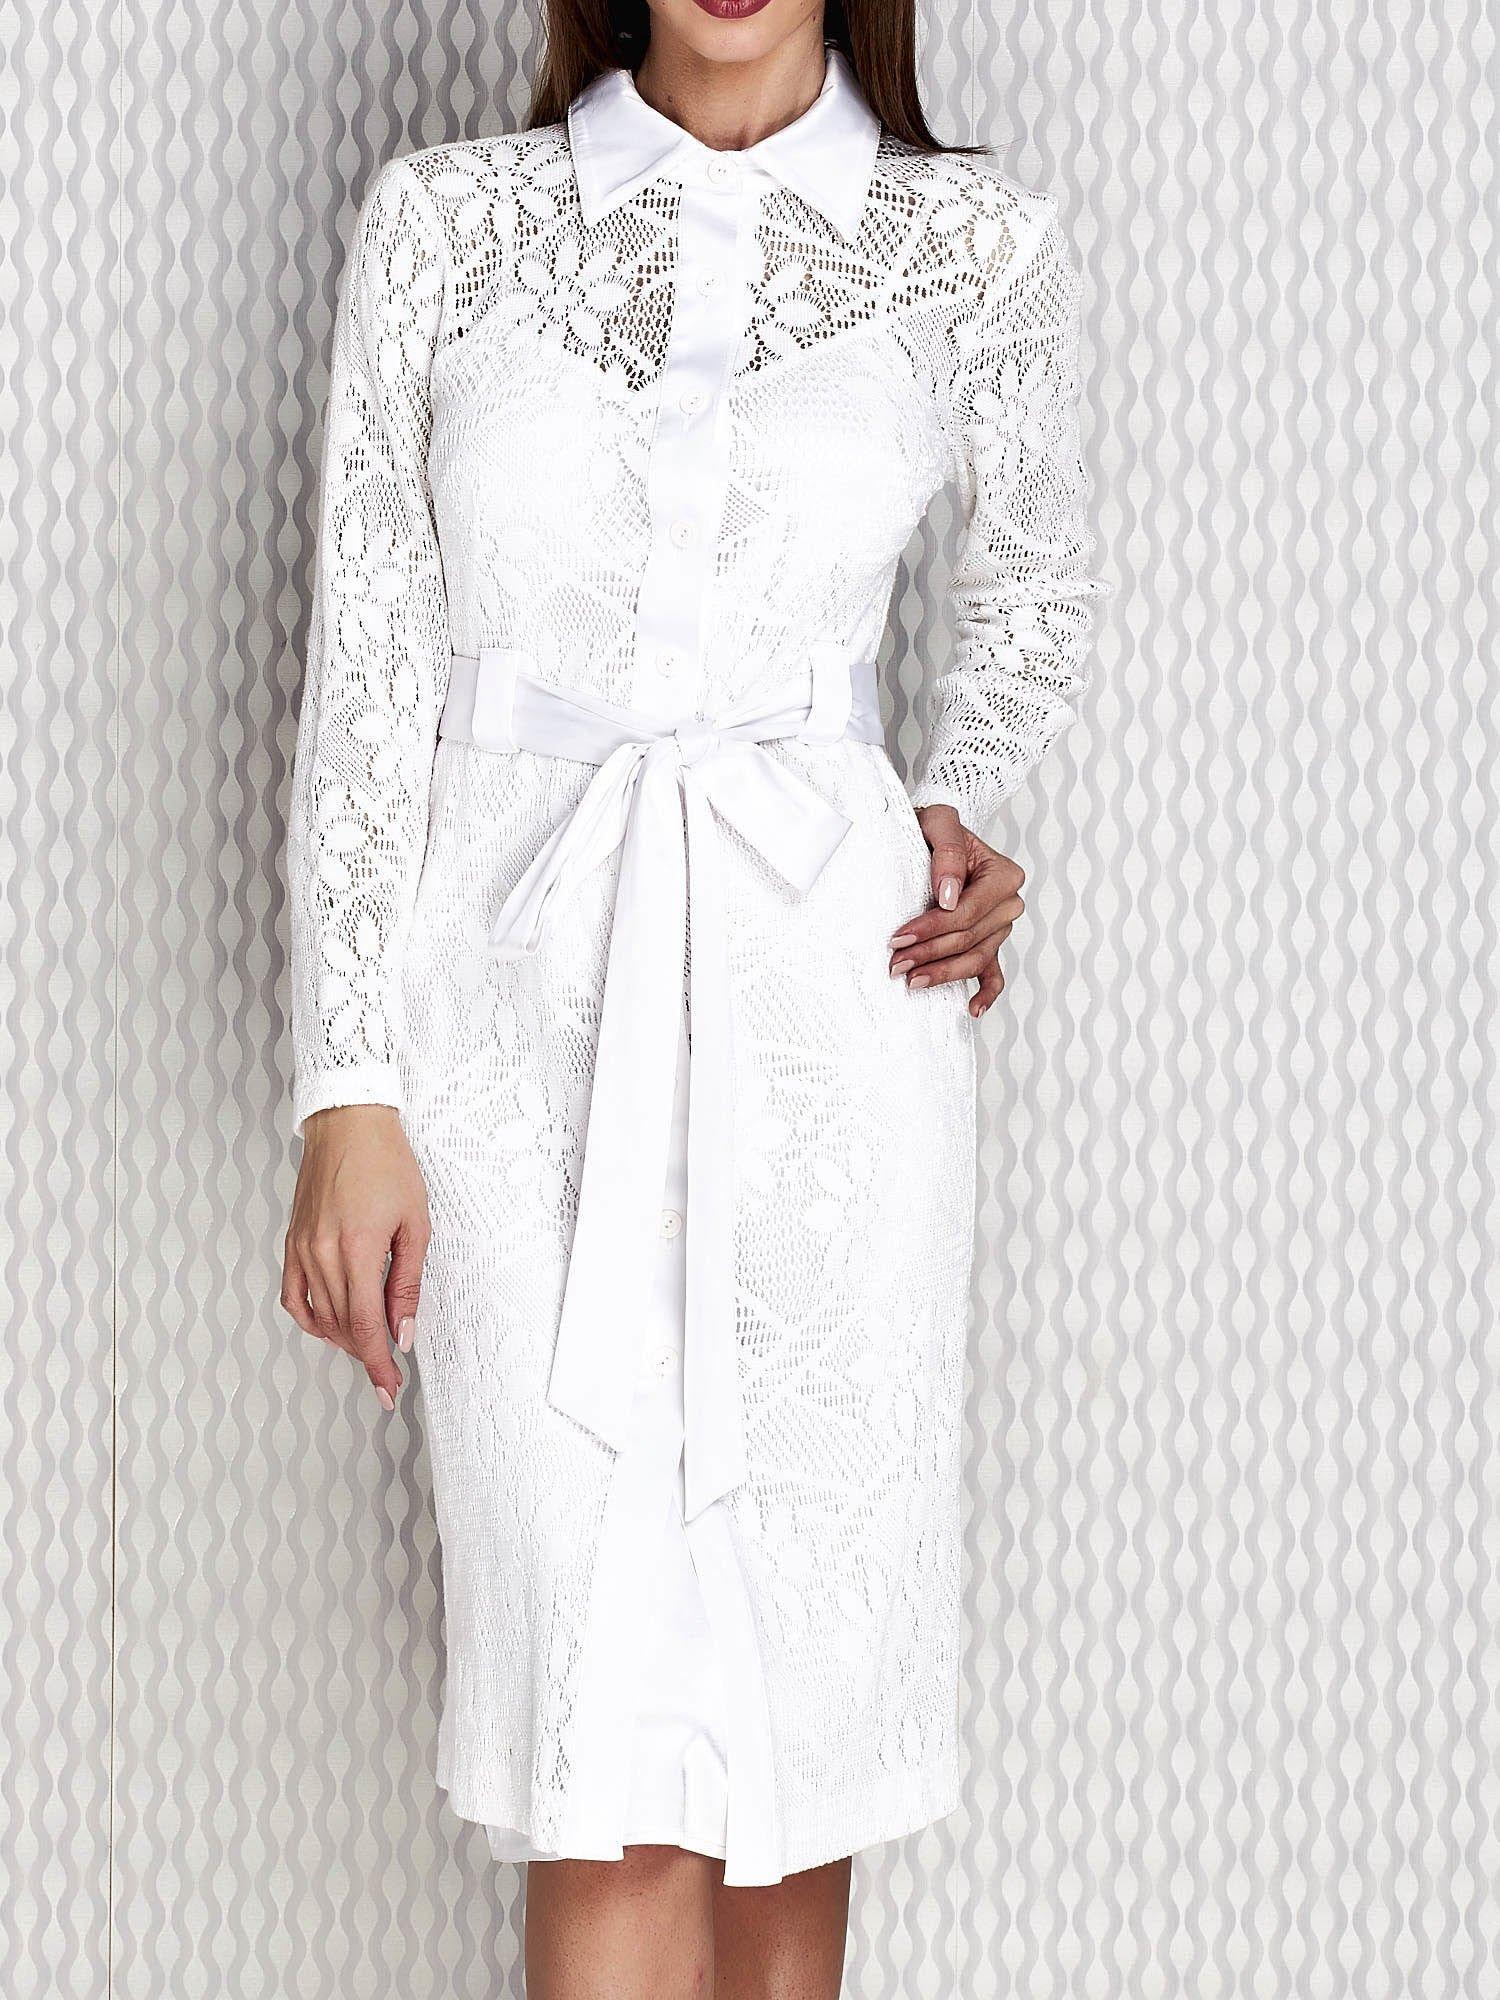 43fbb6038e Biała warstwowa sukienka koktajlowa - Sukienka koktajlowa - sklep ...